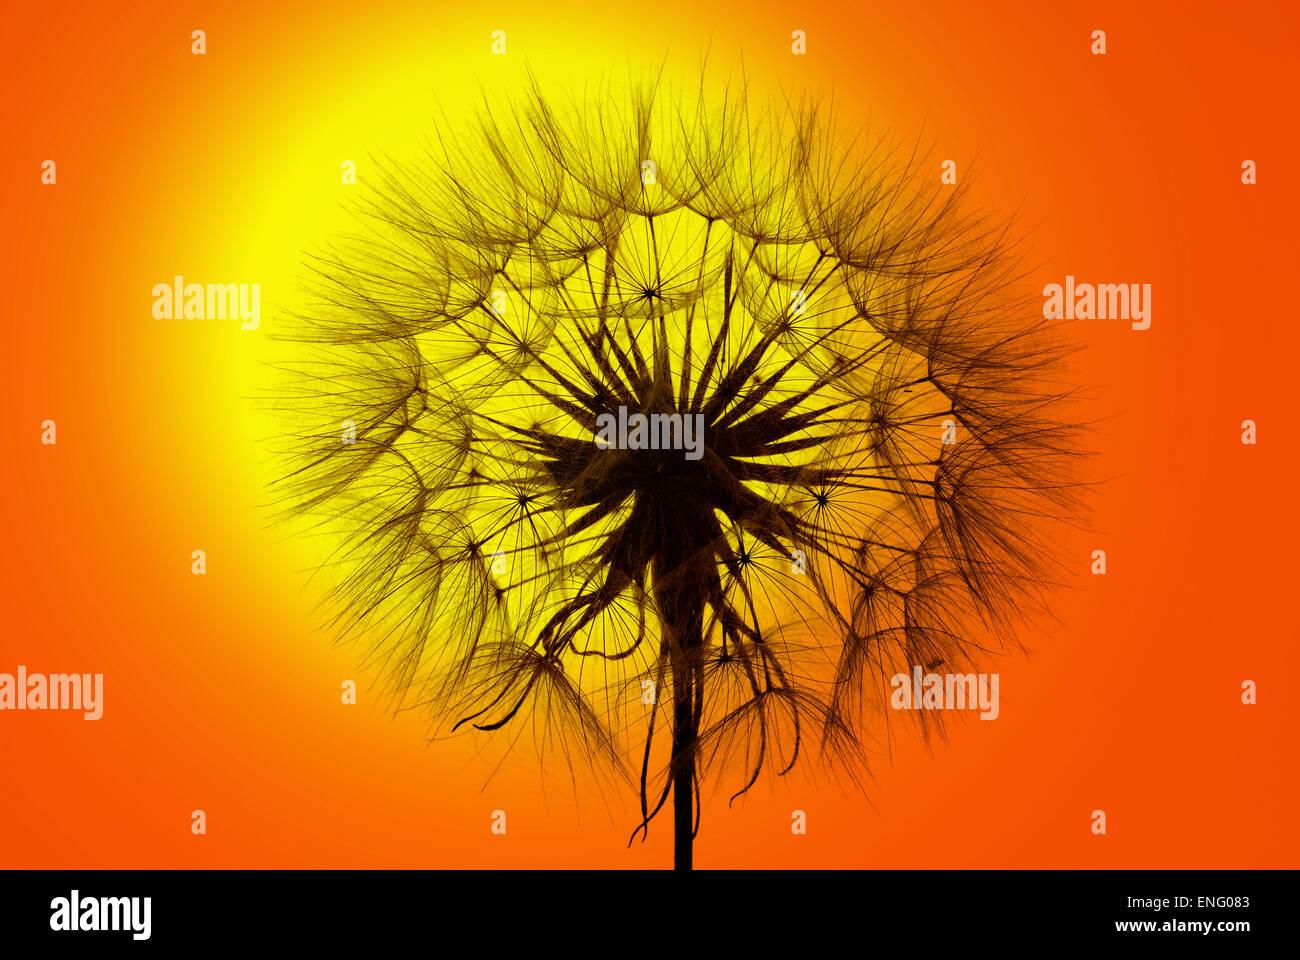 Cabeza de viento en contra de la creación closk golden naranja cálido resplandor del sol del atardecer Imagen De Stock